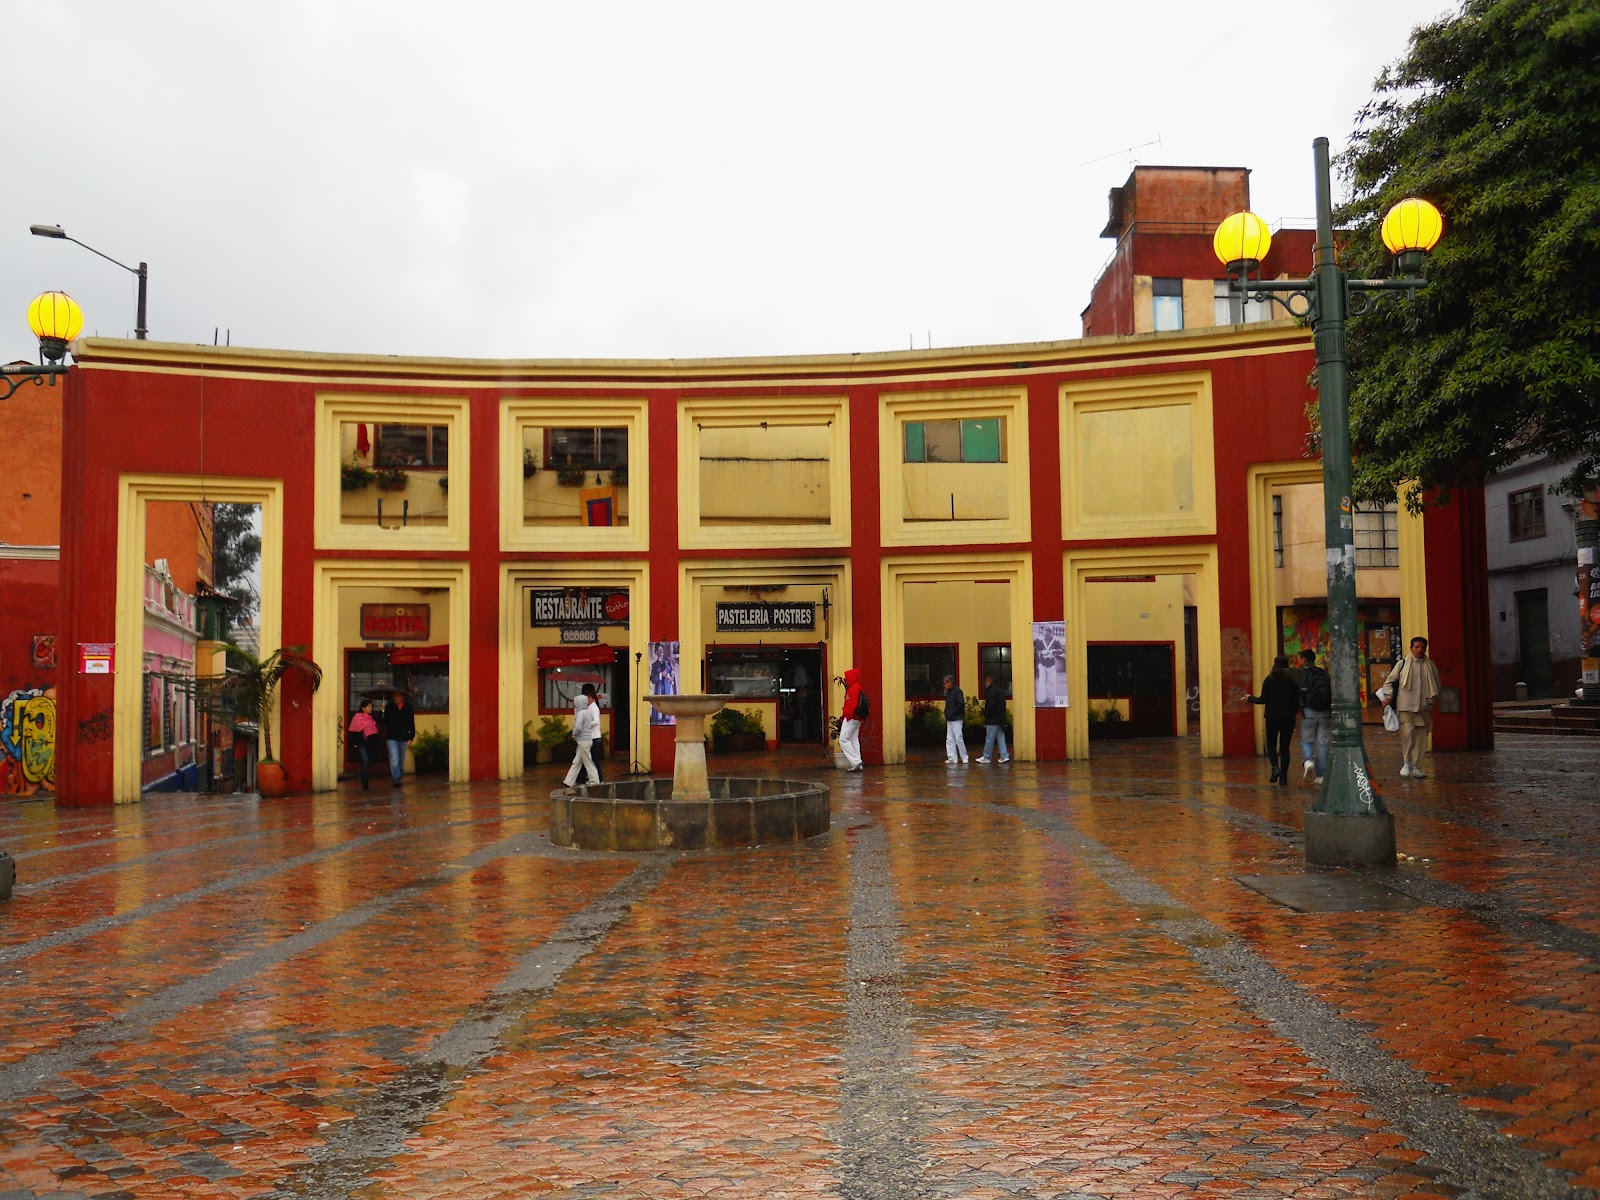 Cae banda que vendía estupefacientes en el Chorro de Quevedo en Bogotá